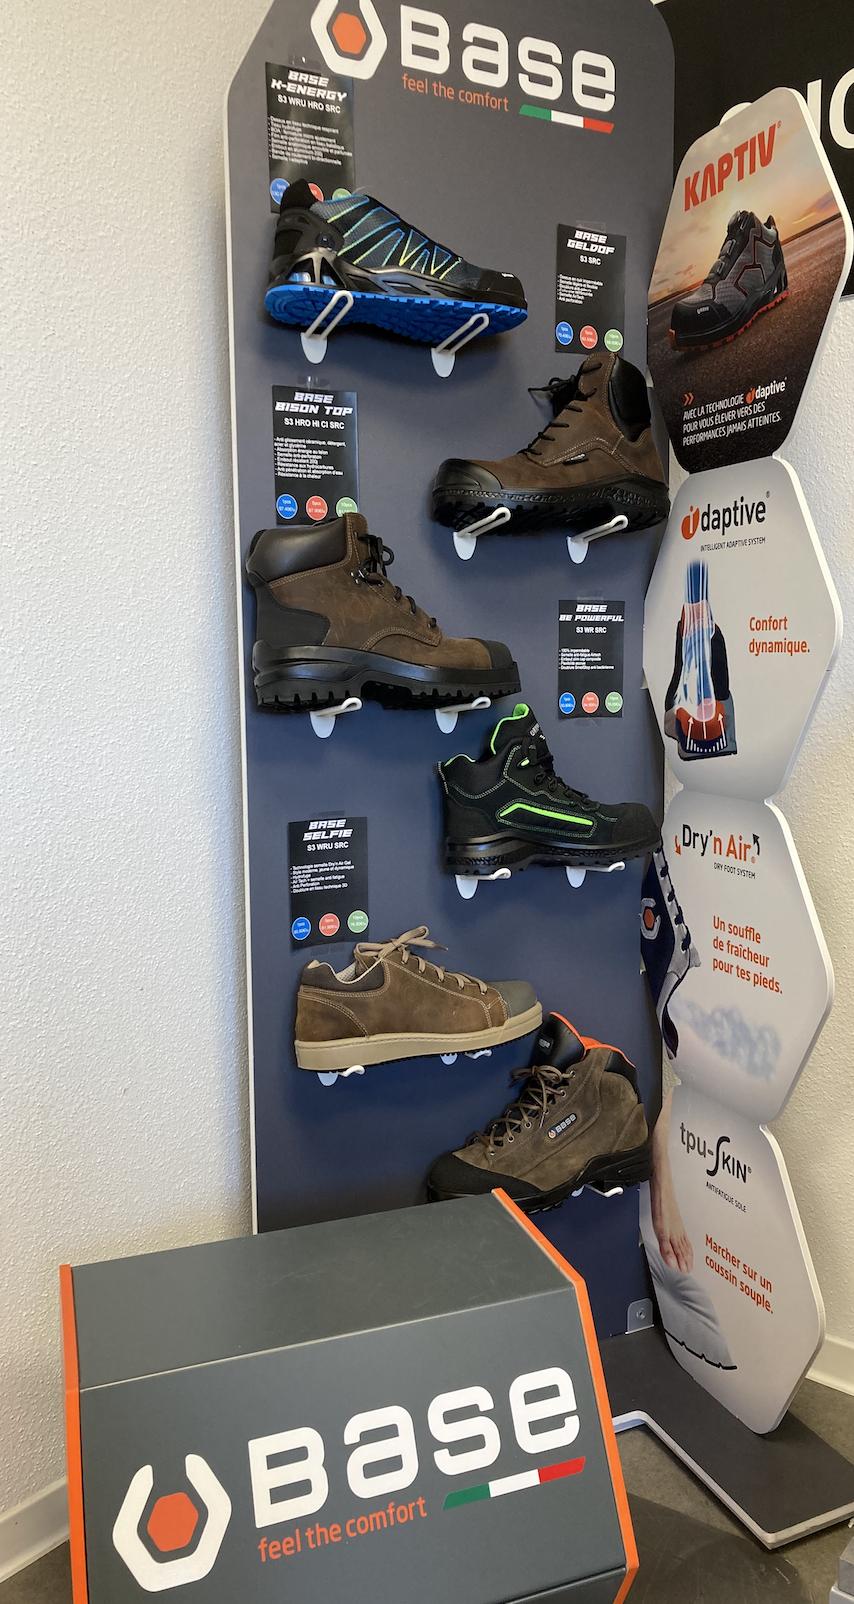 chaussures sécurité acb com